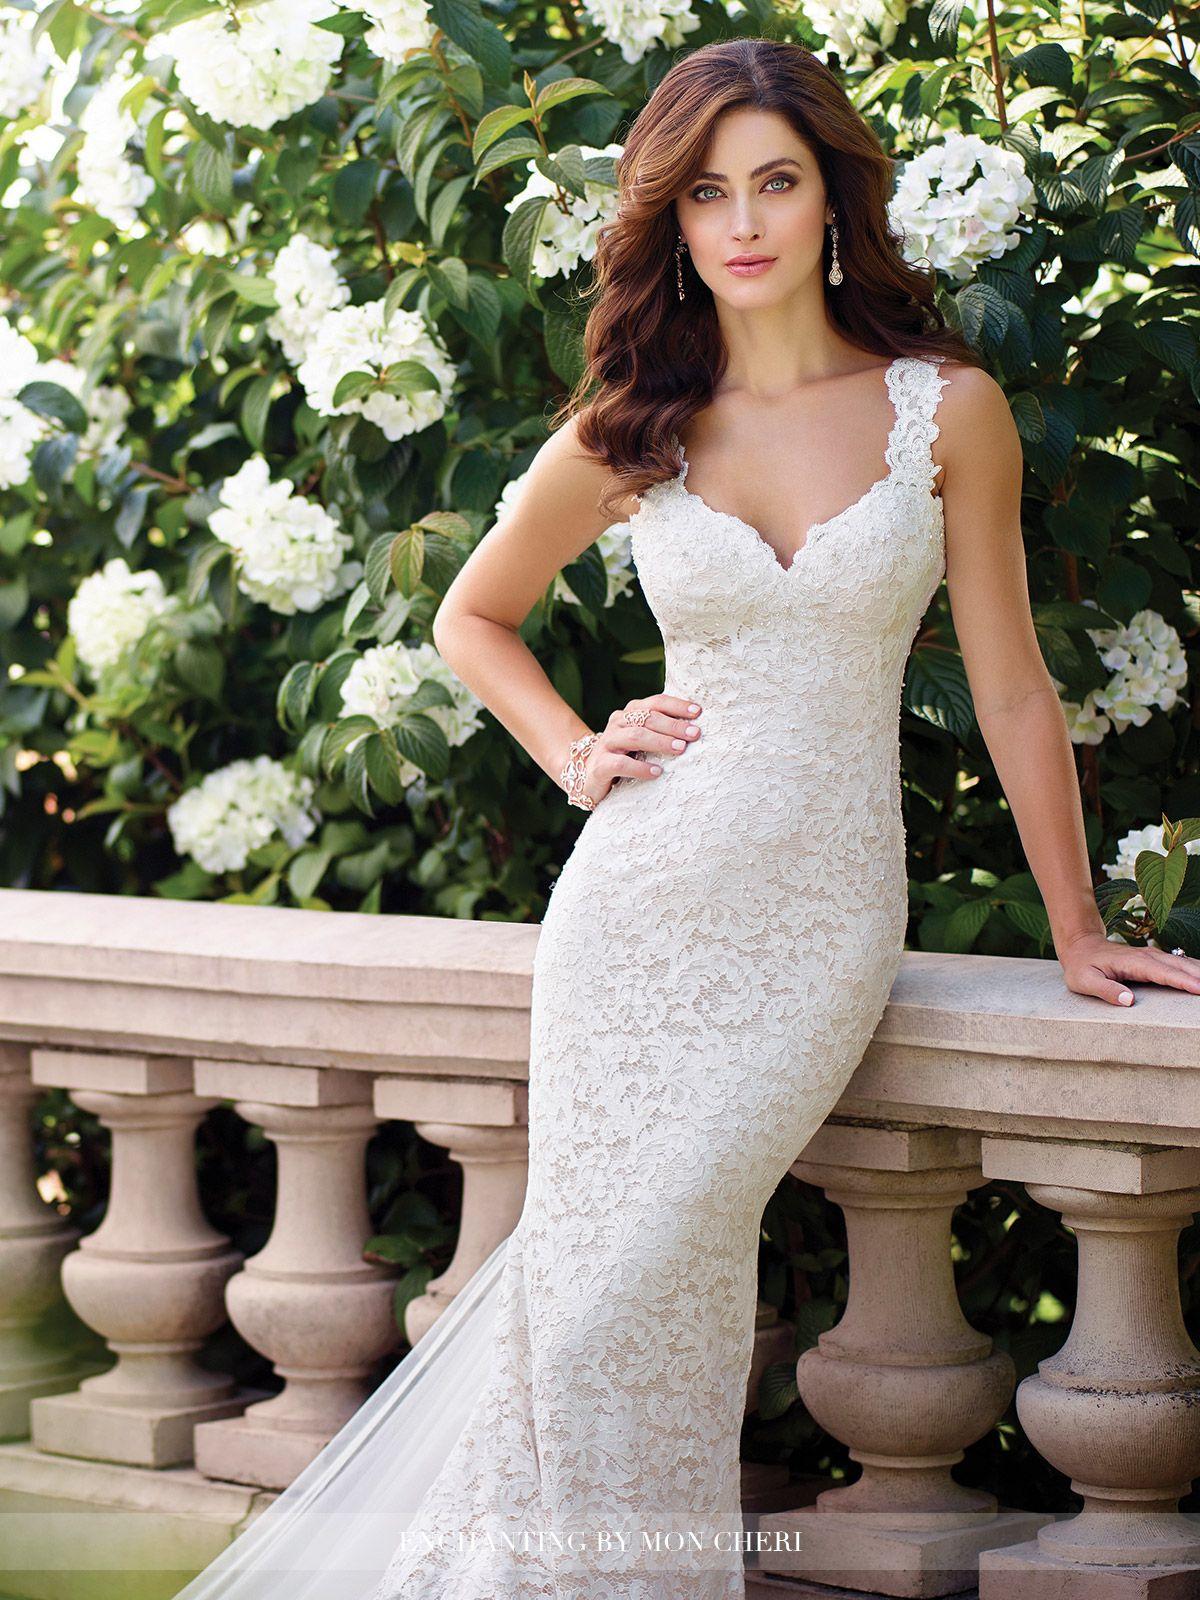 Illusion lace wedding dress  Sleeveless Chiffon Wedding Dress  Enchanting by Mon Cheri